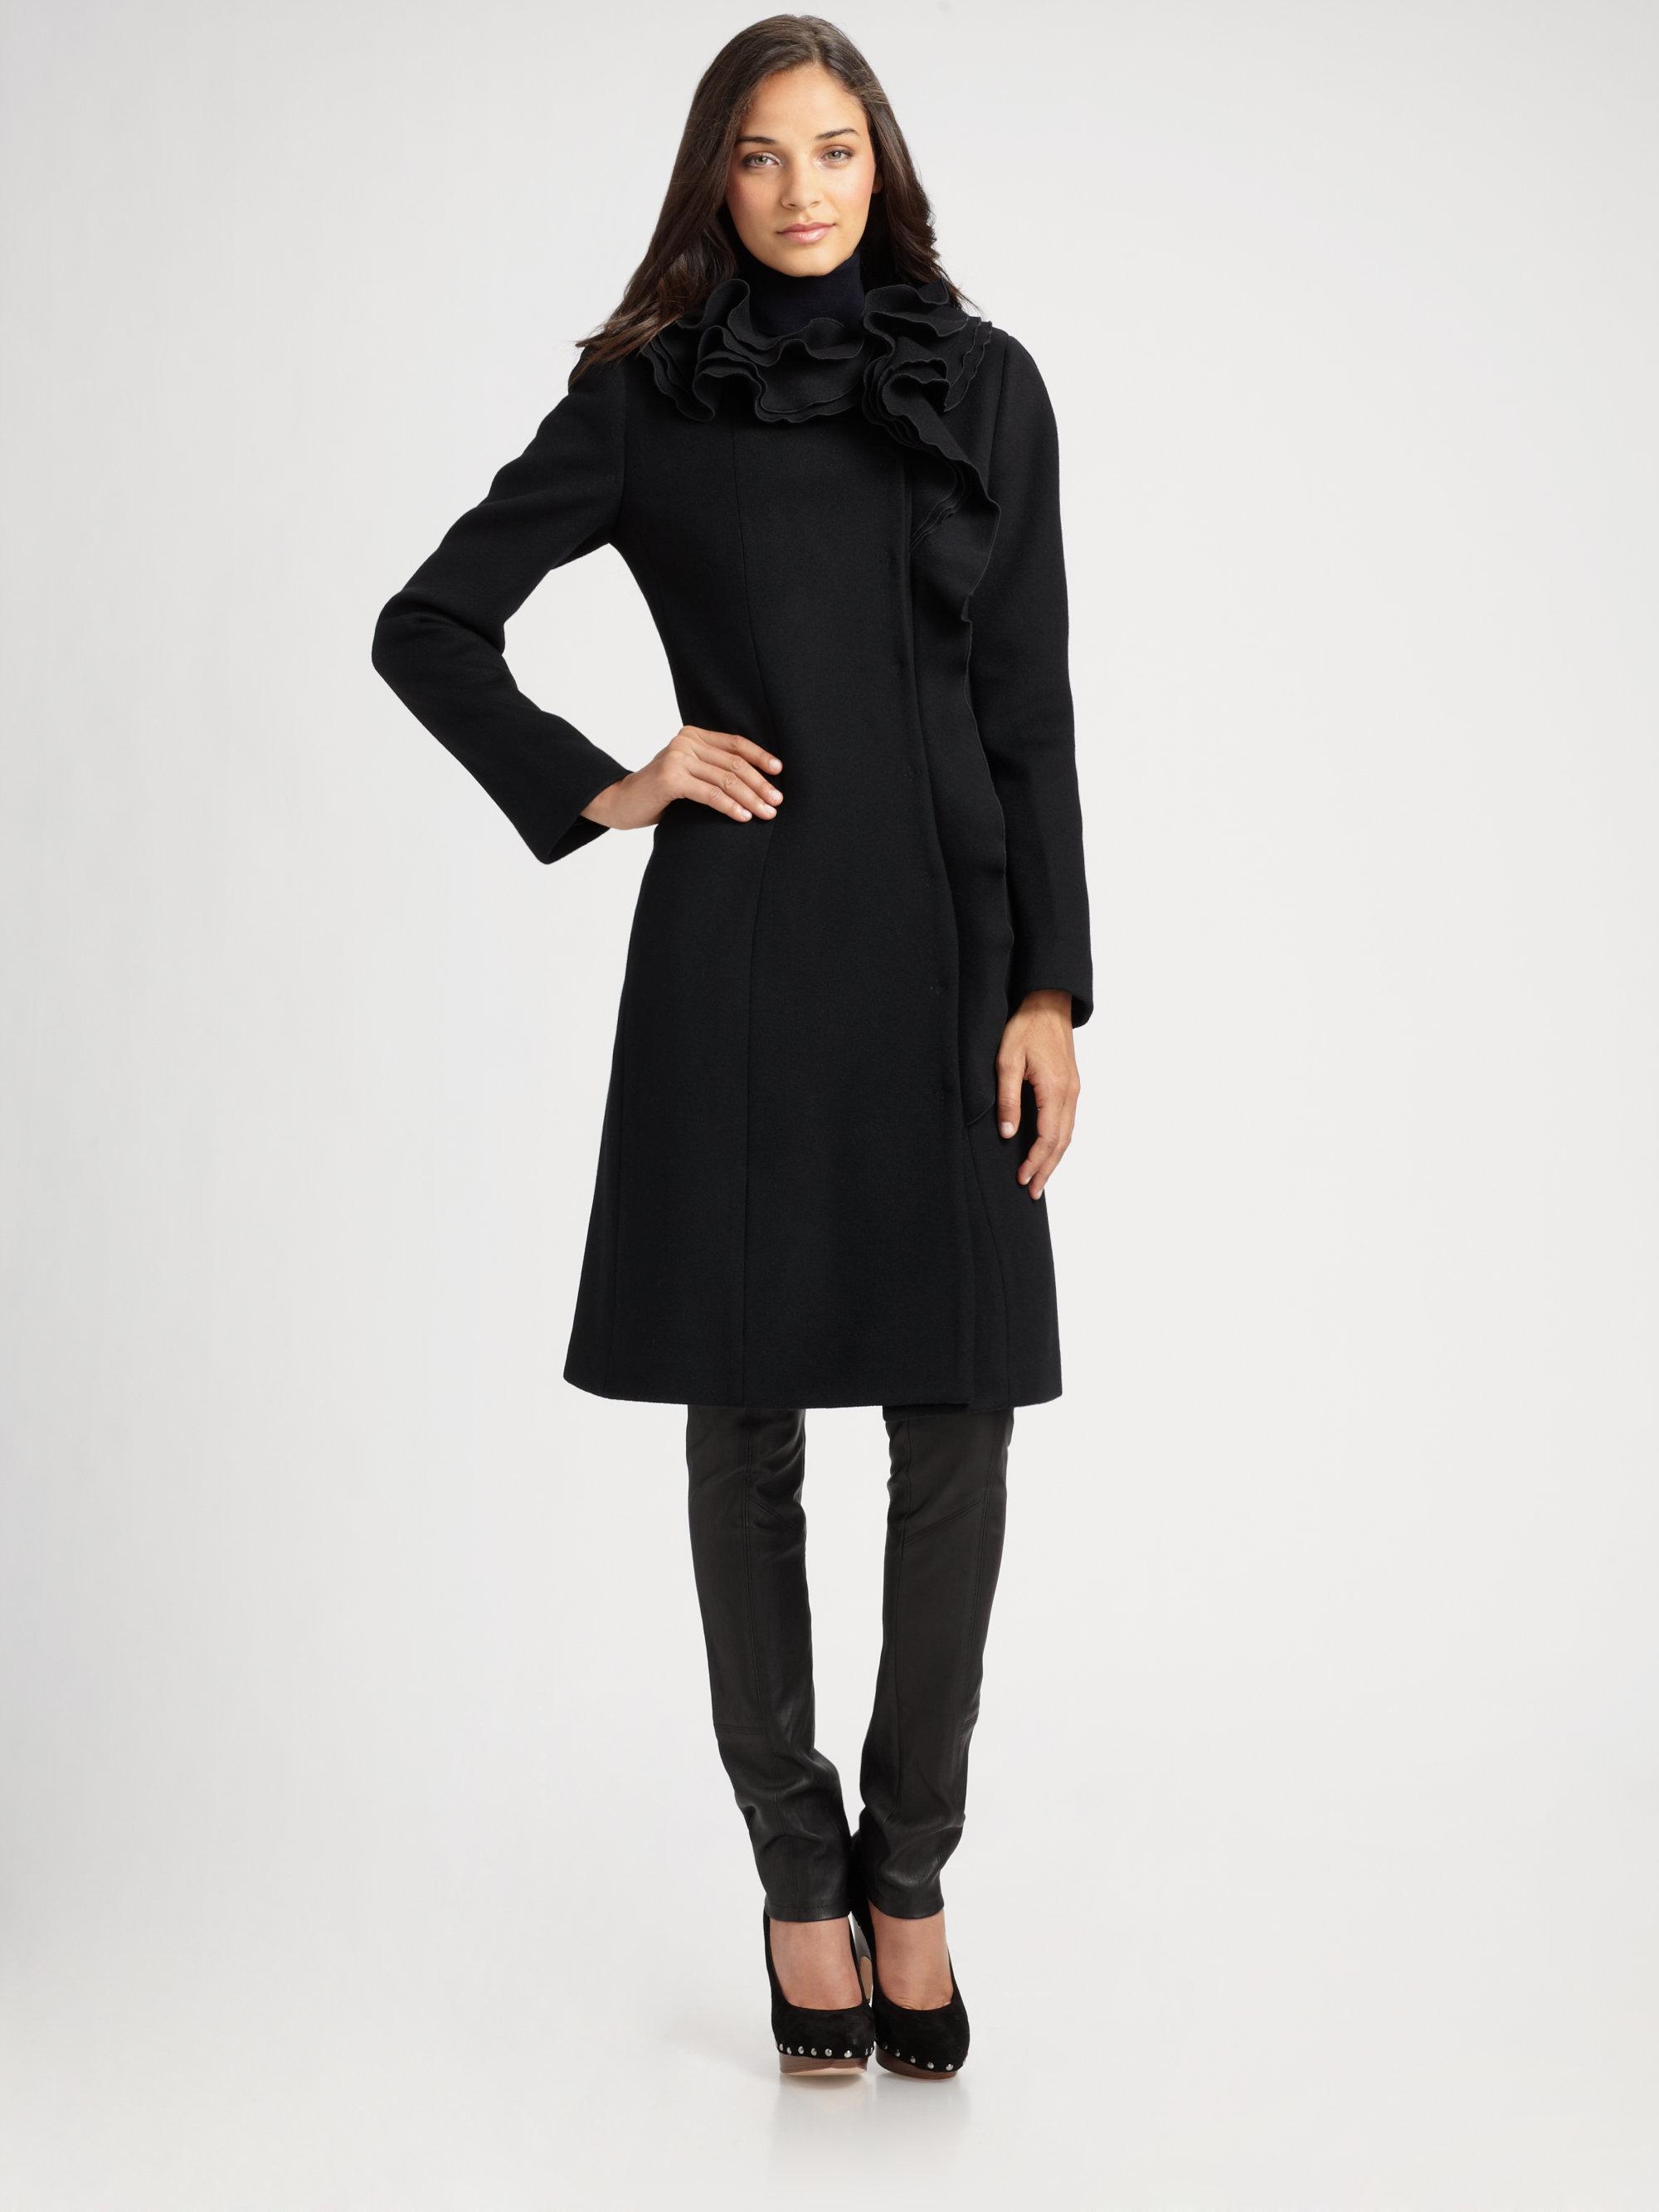 Elie tahari Ruffled Wool Coat in Black | Lyst